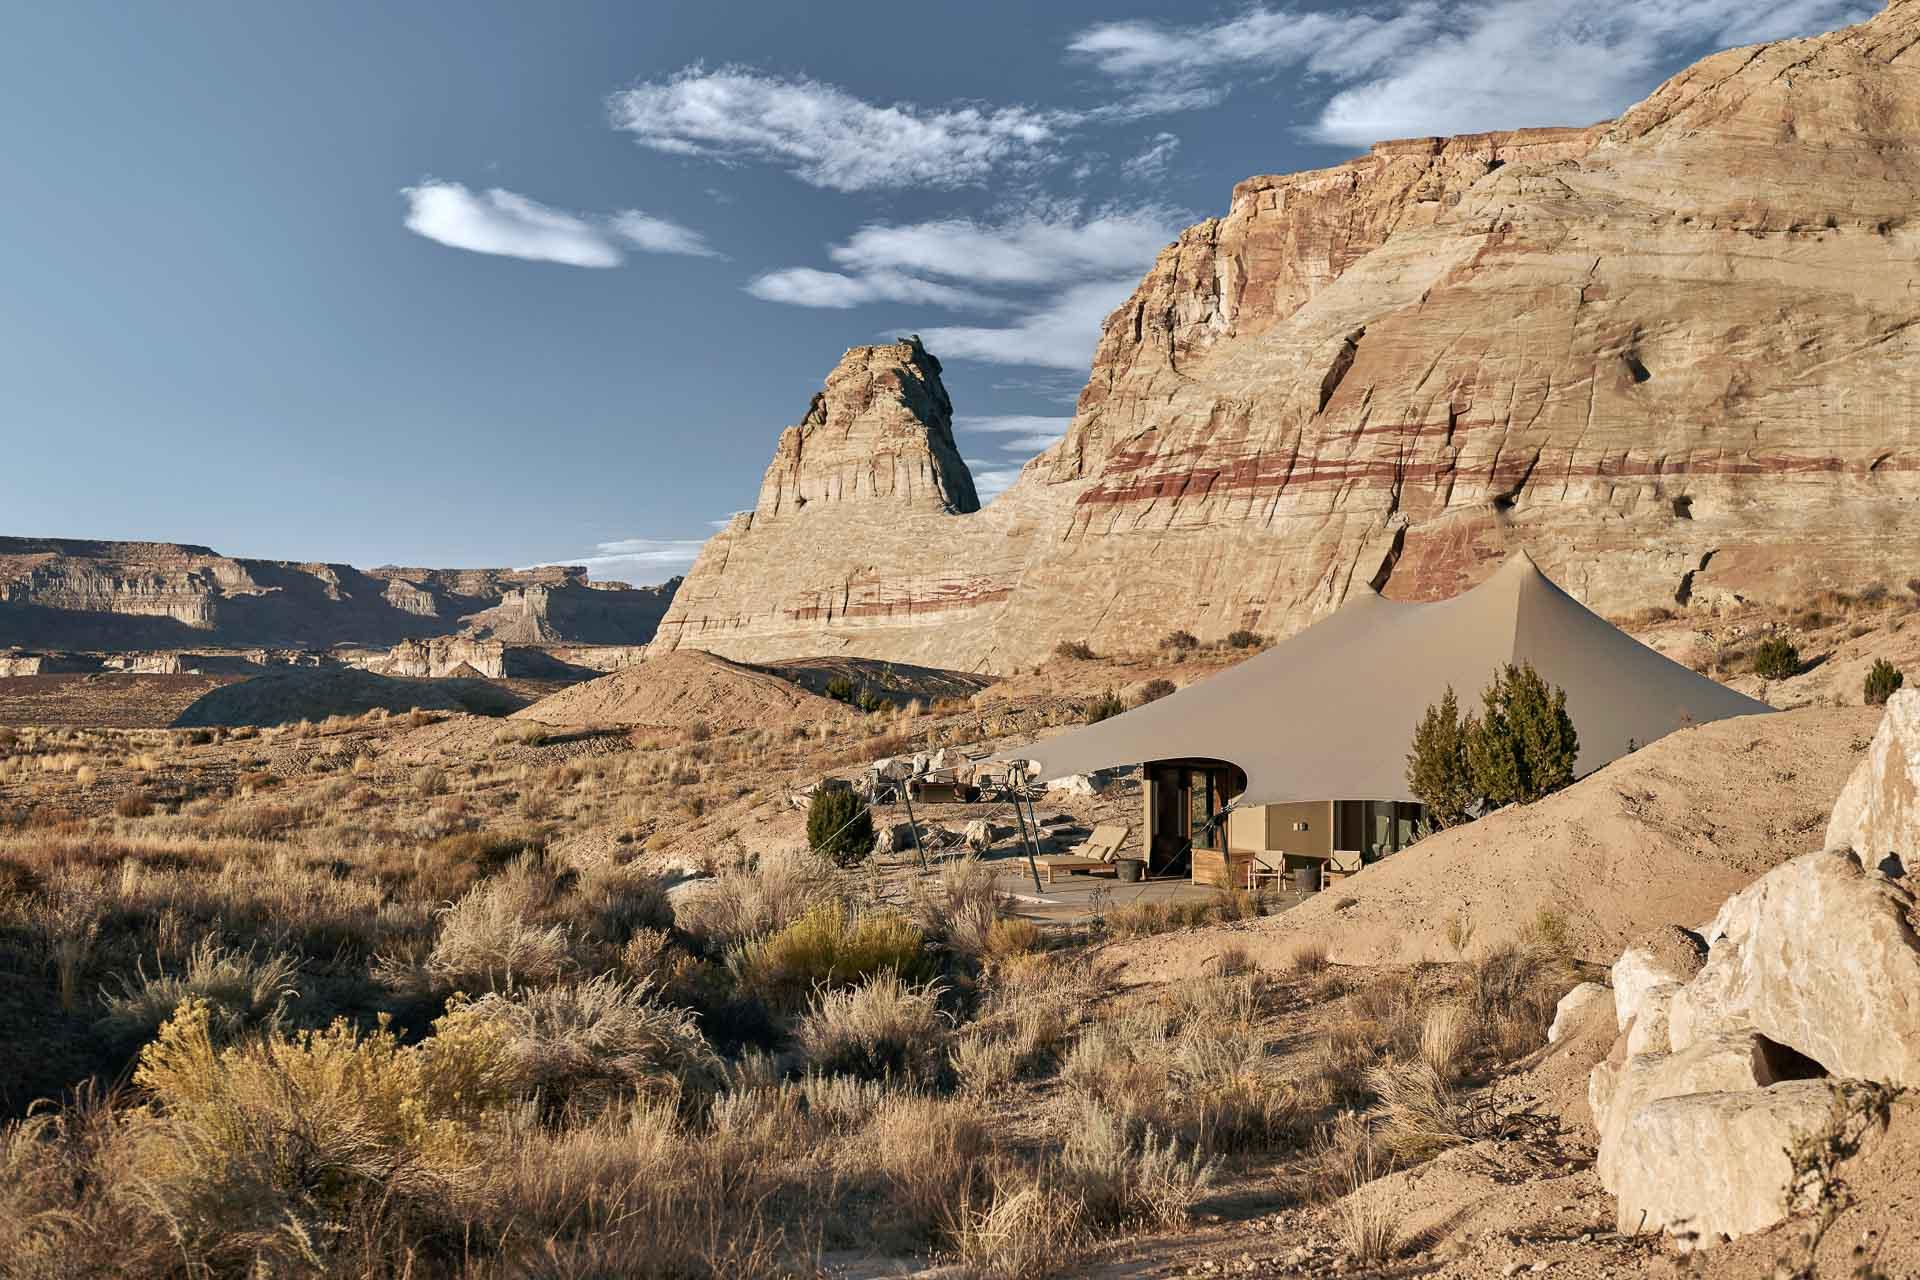 Dans le désert de l'Utah, l'iconique hôtel Amangiri vient d'inaugurer Camp Sarika. Cette extension de 10 tentes-pavillons promet une expérience « glamping » hyper exclusive au cœur des plus beaux paysages de l'Ouest américain. Découverte en images.